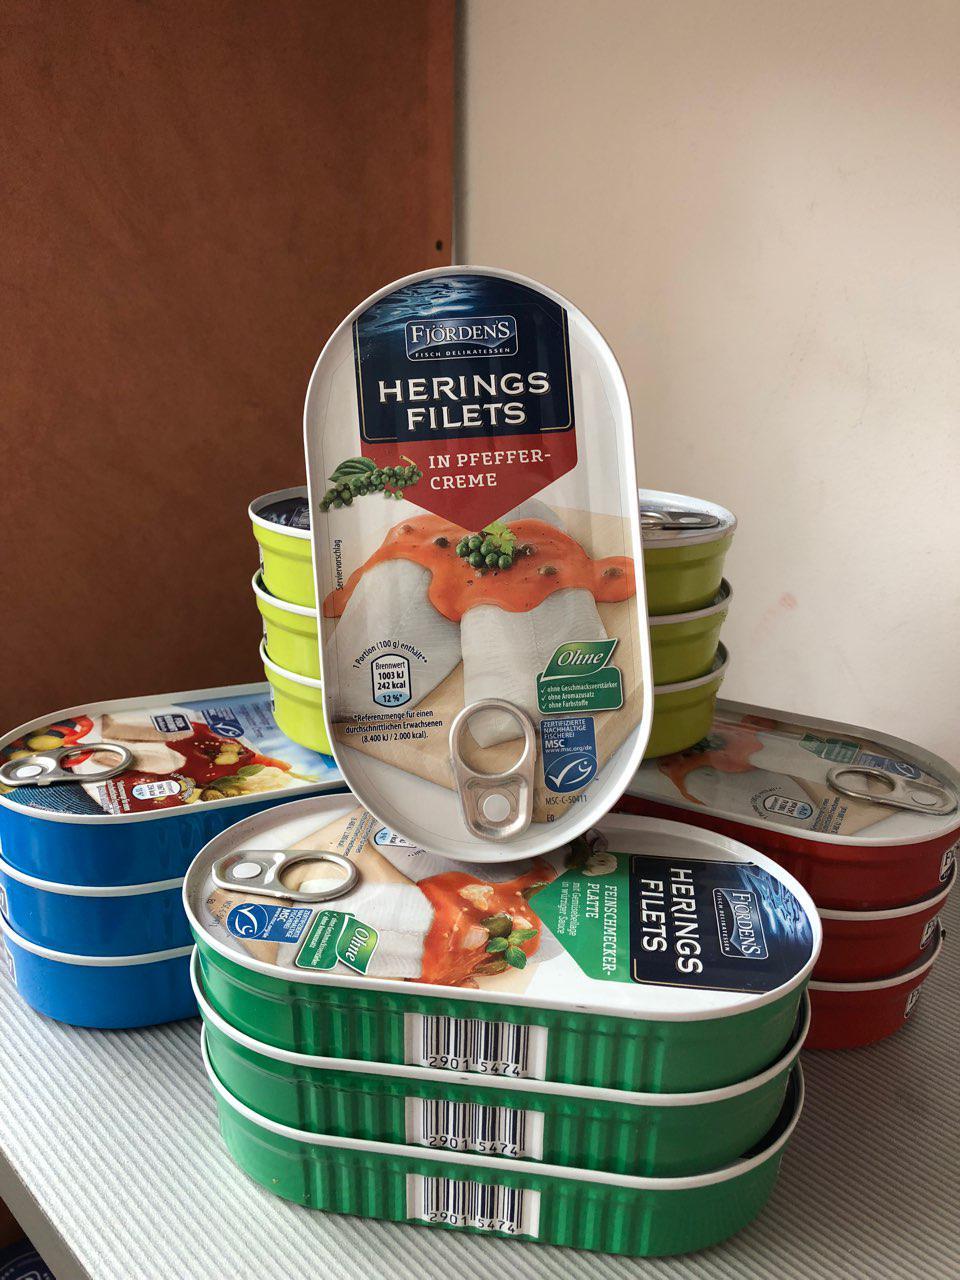 Филе сельди Fjordens Herings Filets In Pfeffer-Creme (в перечном креме) 200г